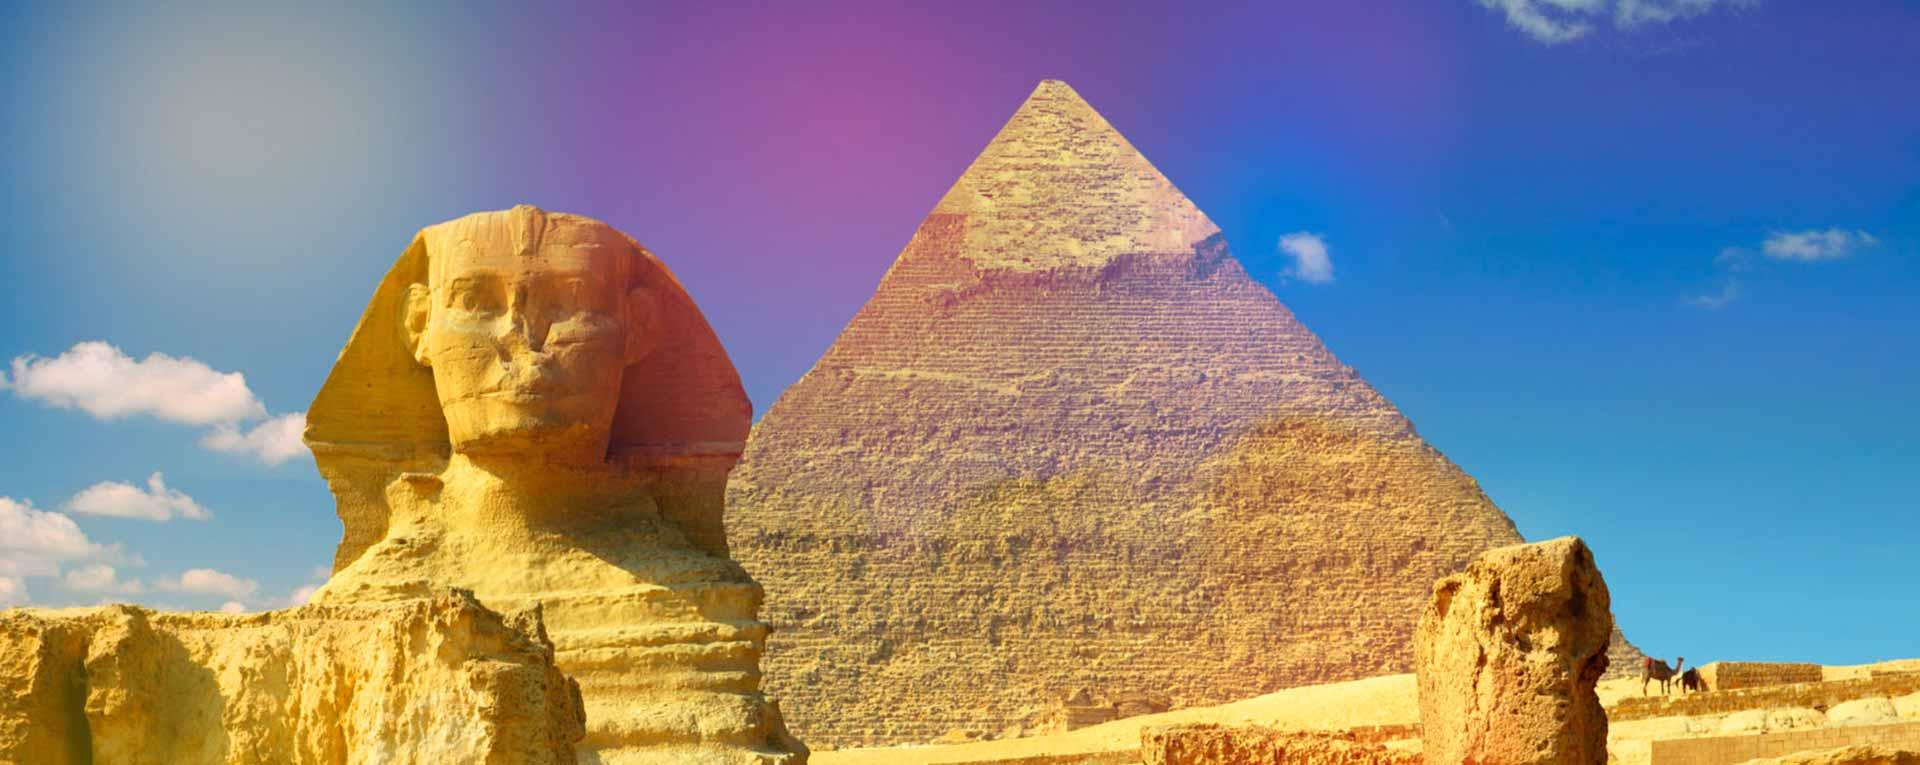 Egipto 8 días $795